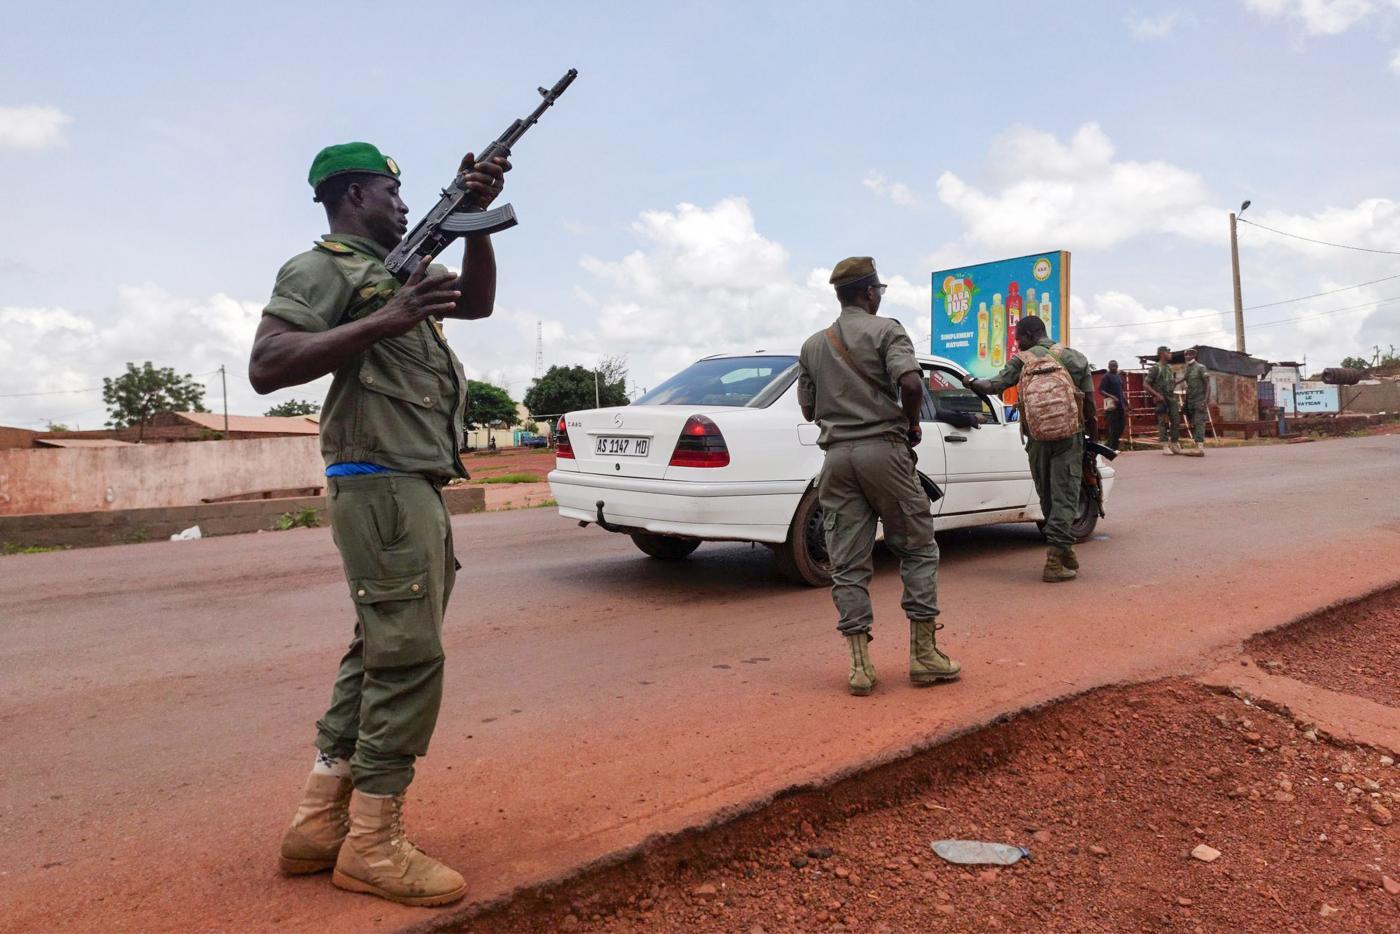 Colpo di Stato in Mali, arrestati presidente e primo ministro. Preoccupazione nella comunità internazionale